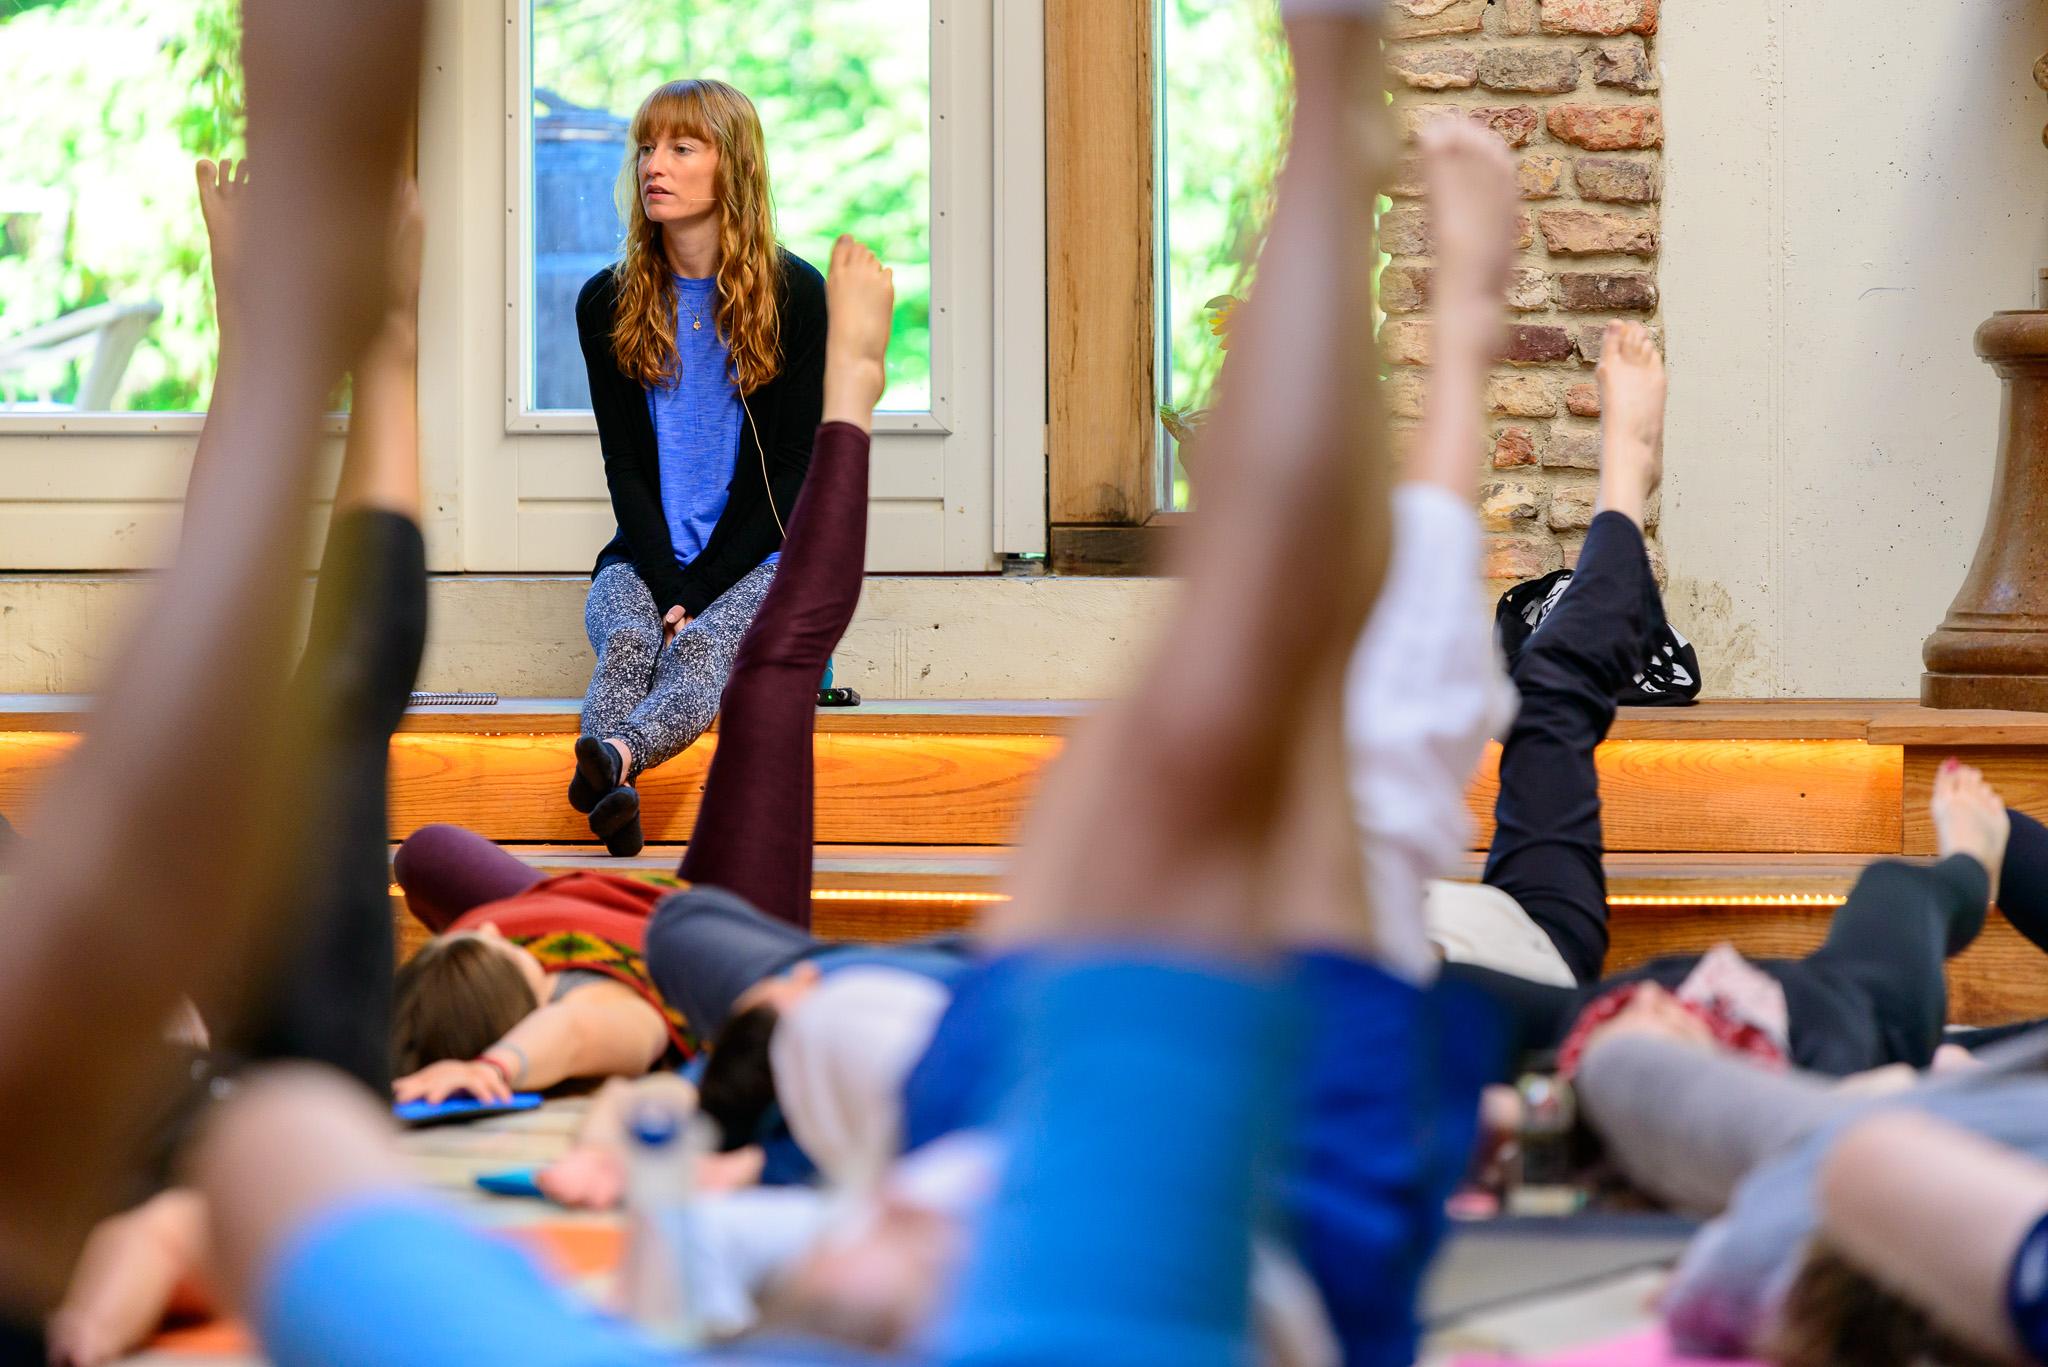 Yoga-Castle-De-Berckt-1-2.jpg